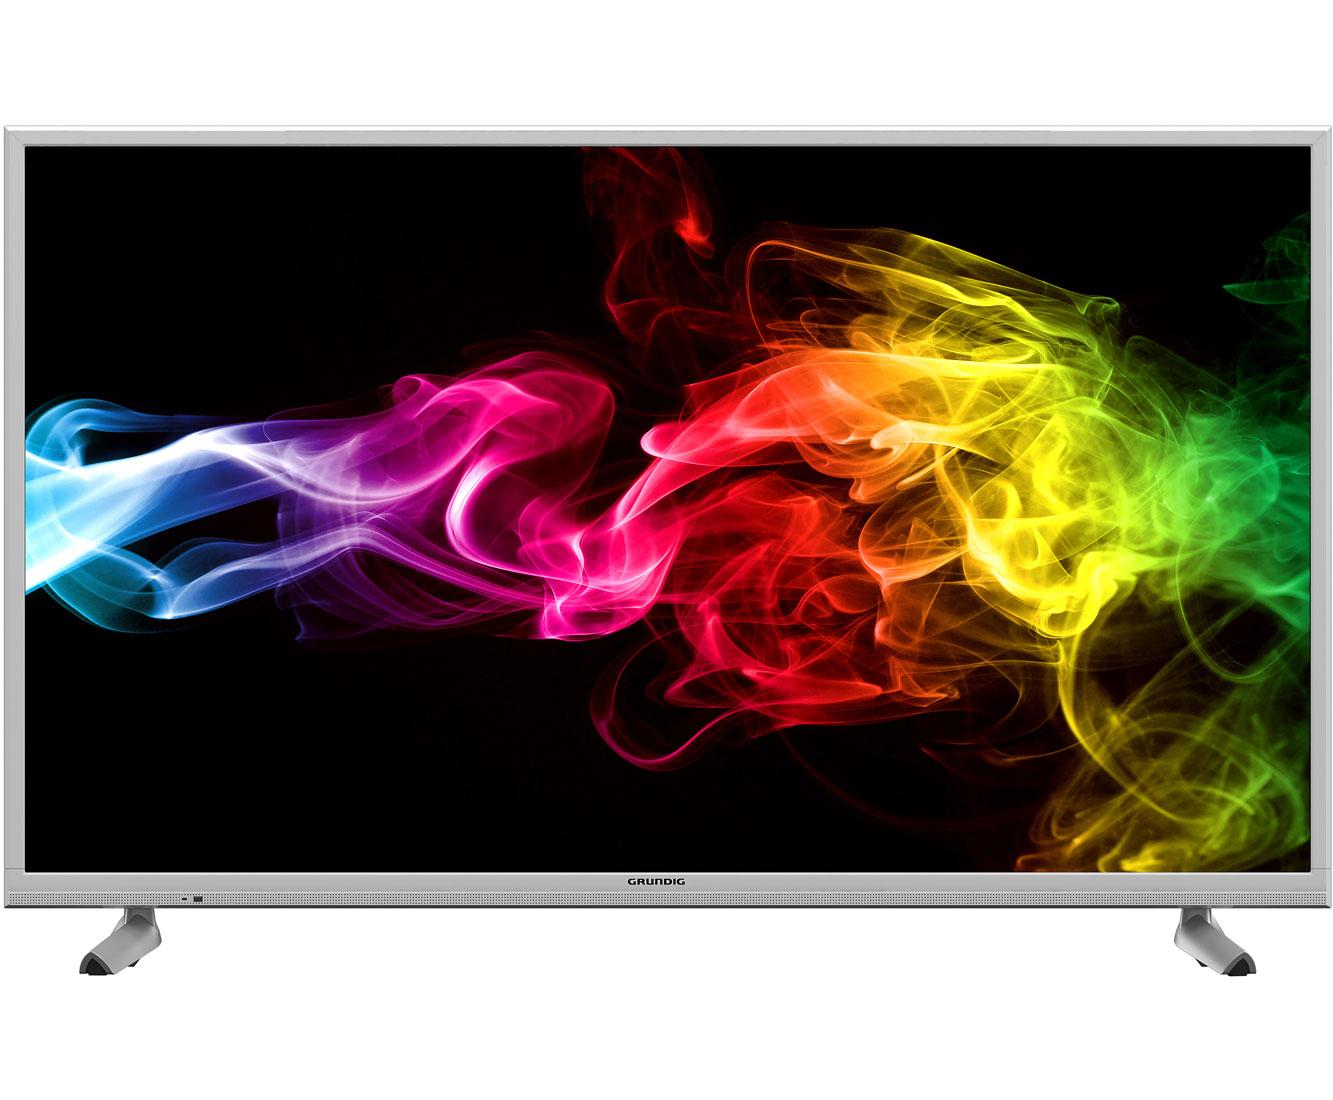 Grundig Vision 8 49 GUS 8960 Fernseher - Silber